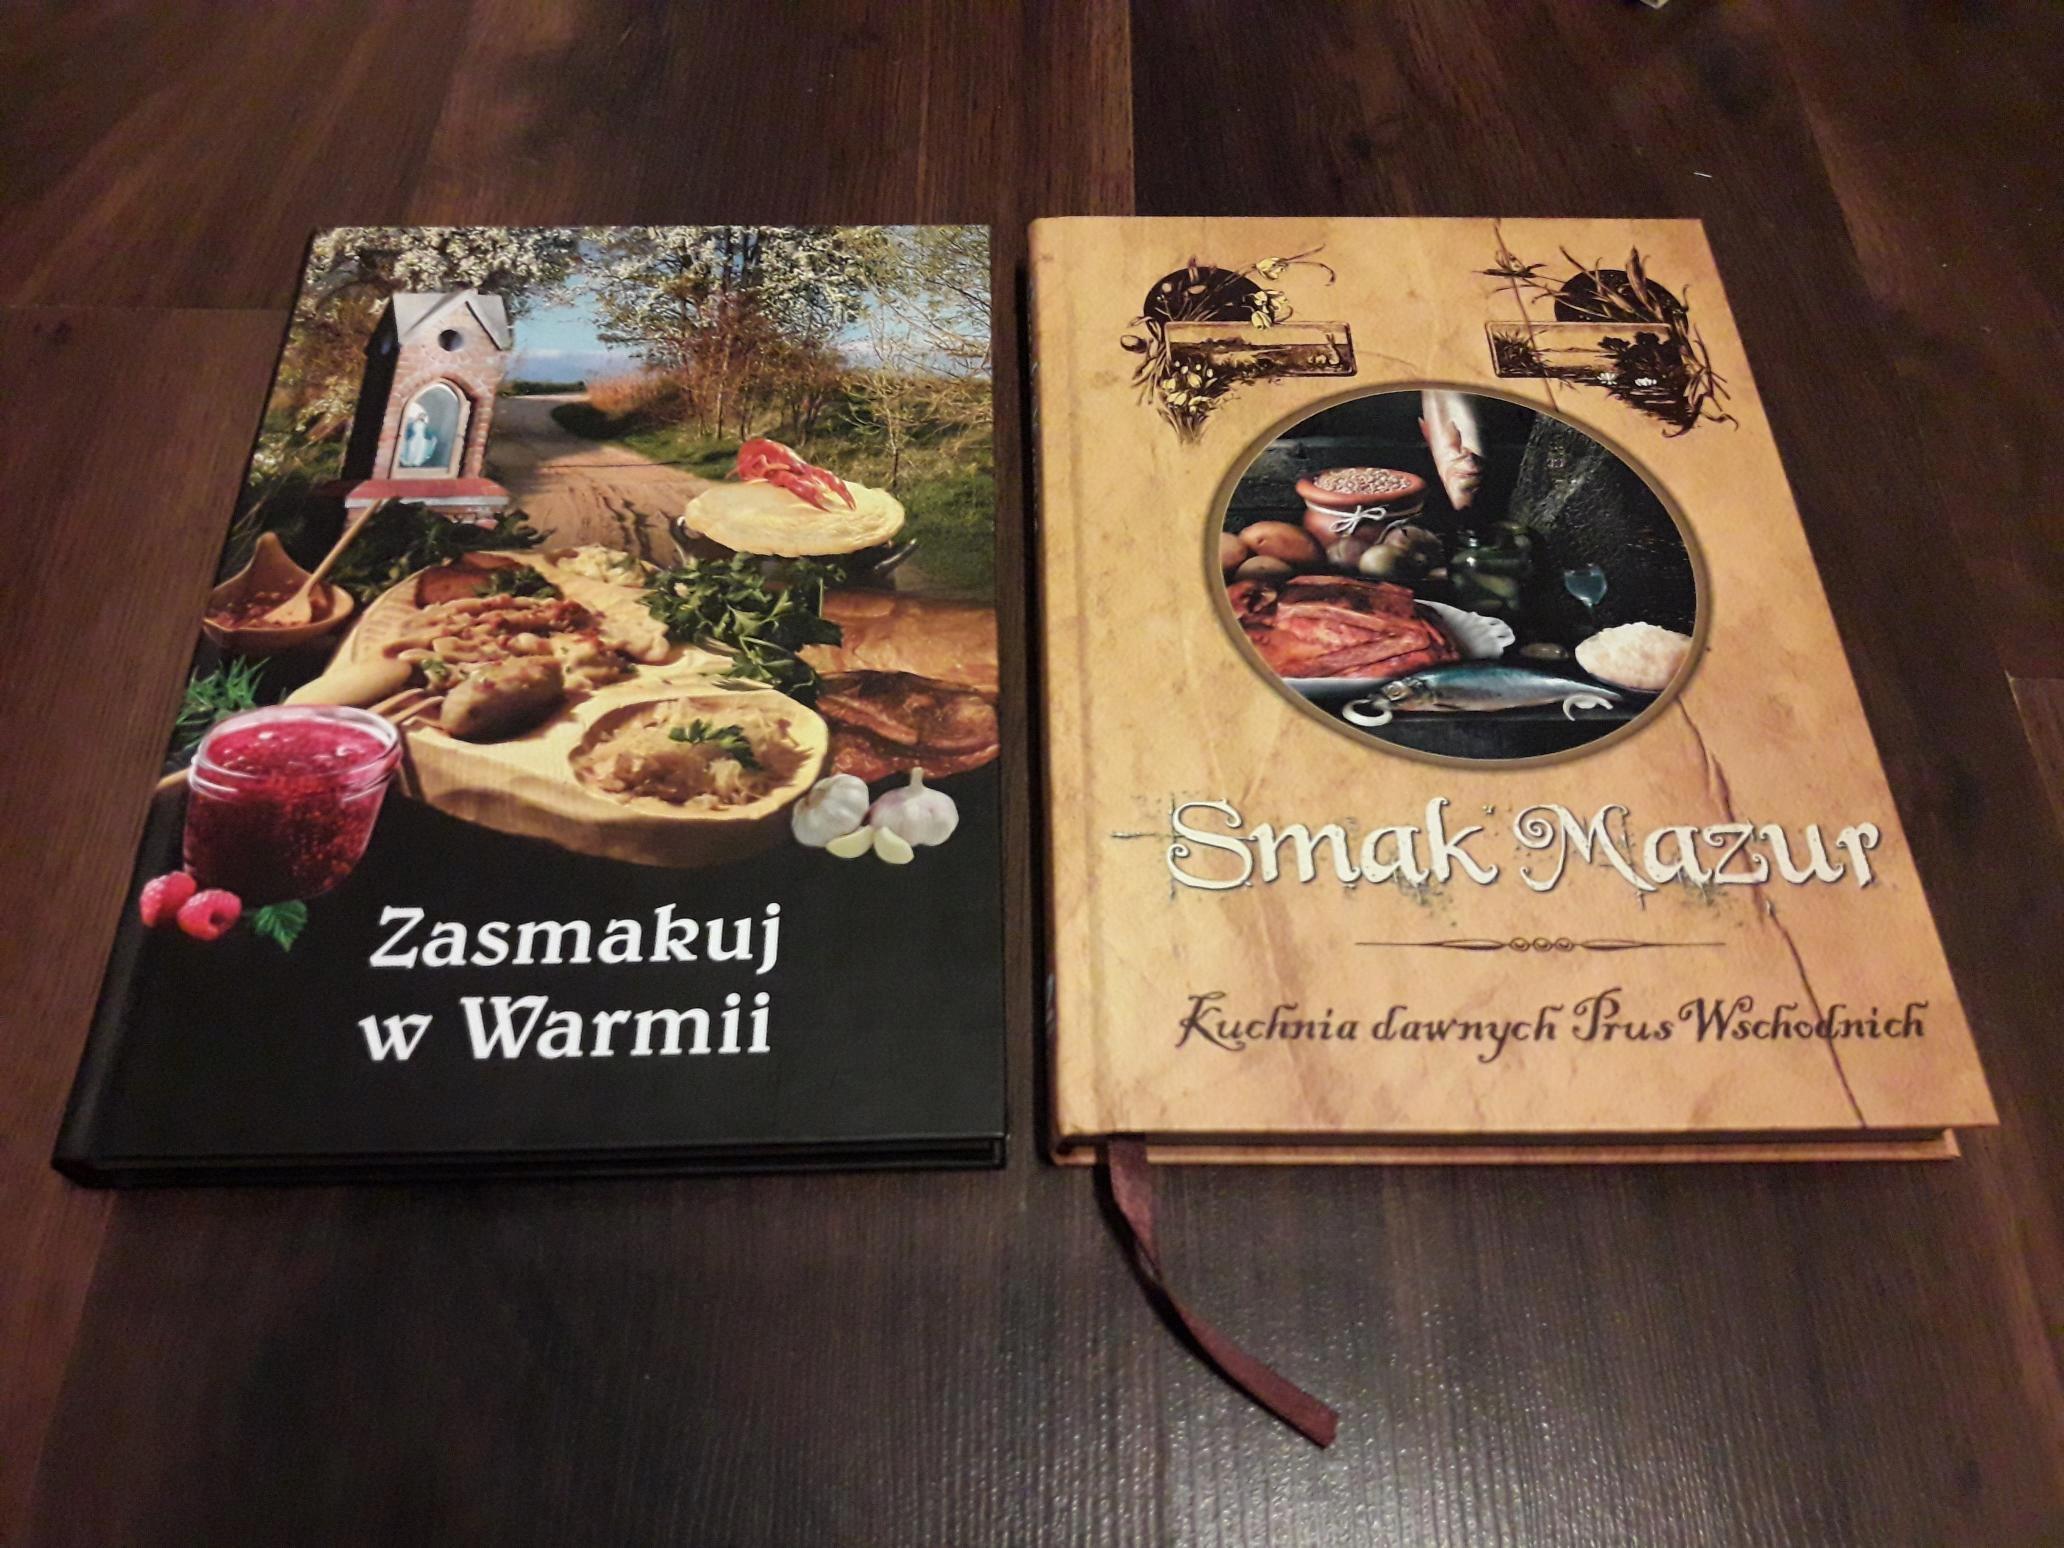 Zasmakuj W Warmii Smak Mazur Zestaw Książek 7687351904